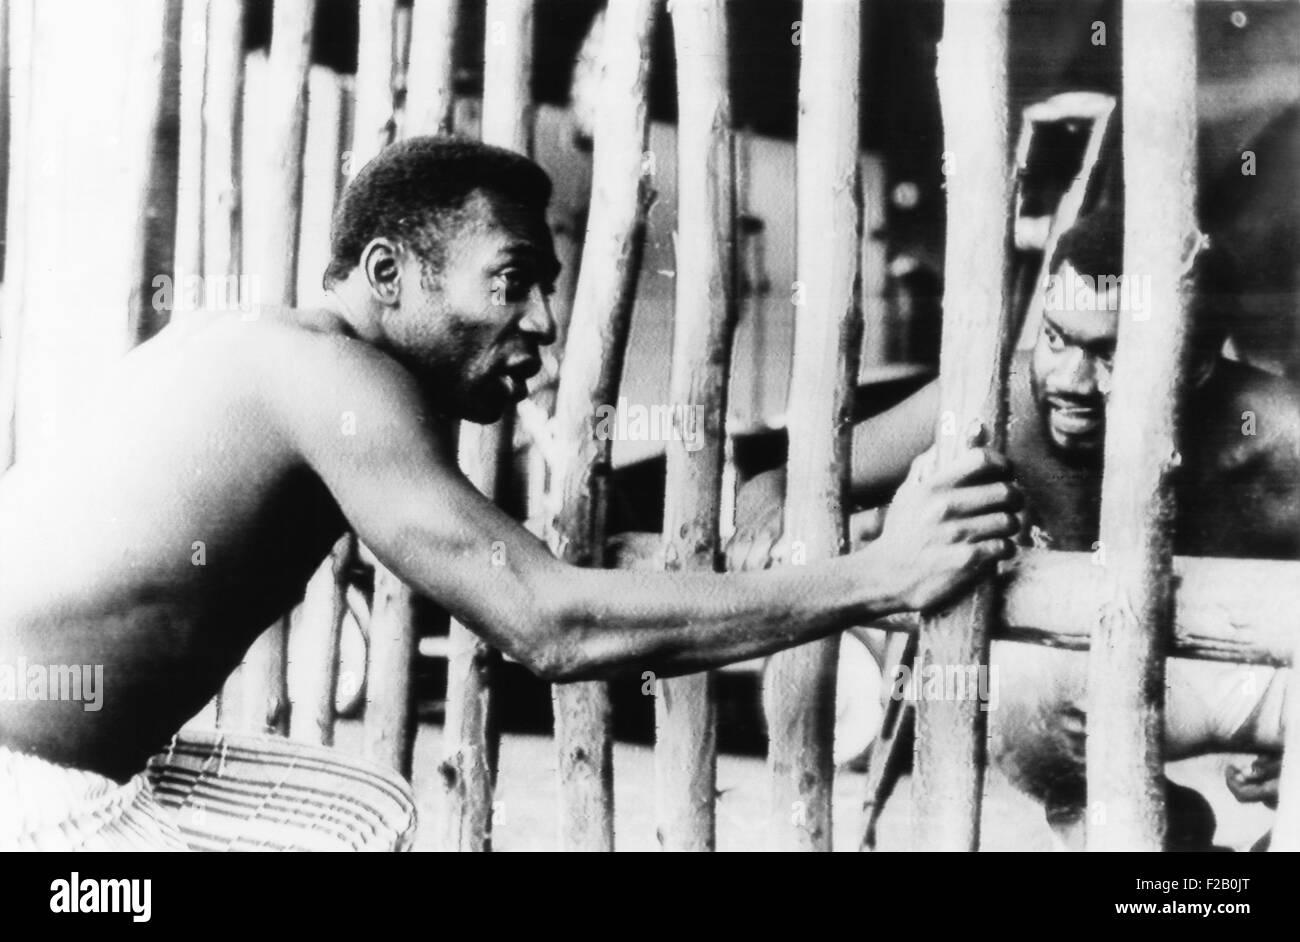 La superestrella del fútbol brasileño Pelé en la película de 1971 UNA MARCHA producida por Oswaldo Imagen De Stock